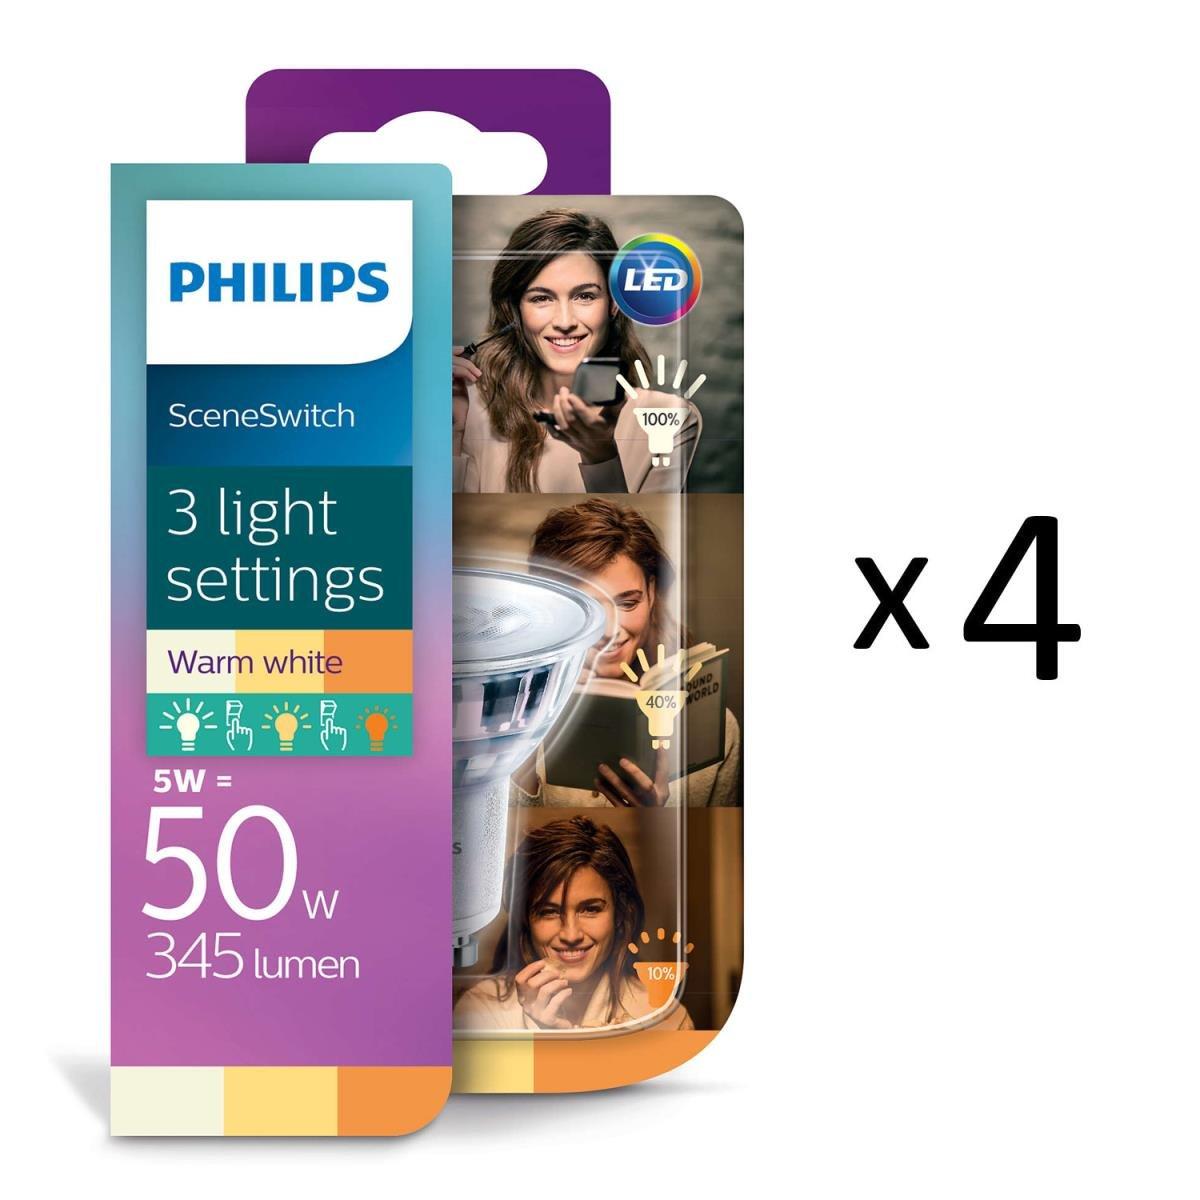 LED lampa Spot Scene Switch 3 färger 4,5W(50W) GU10 Philips